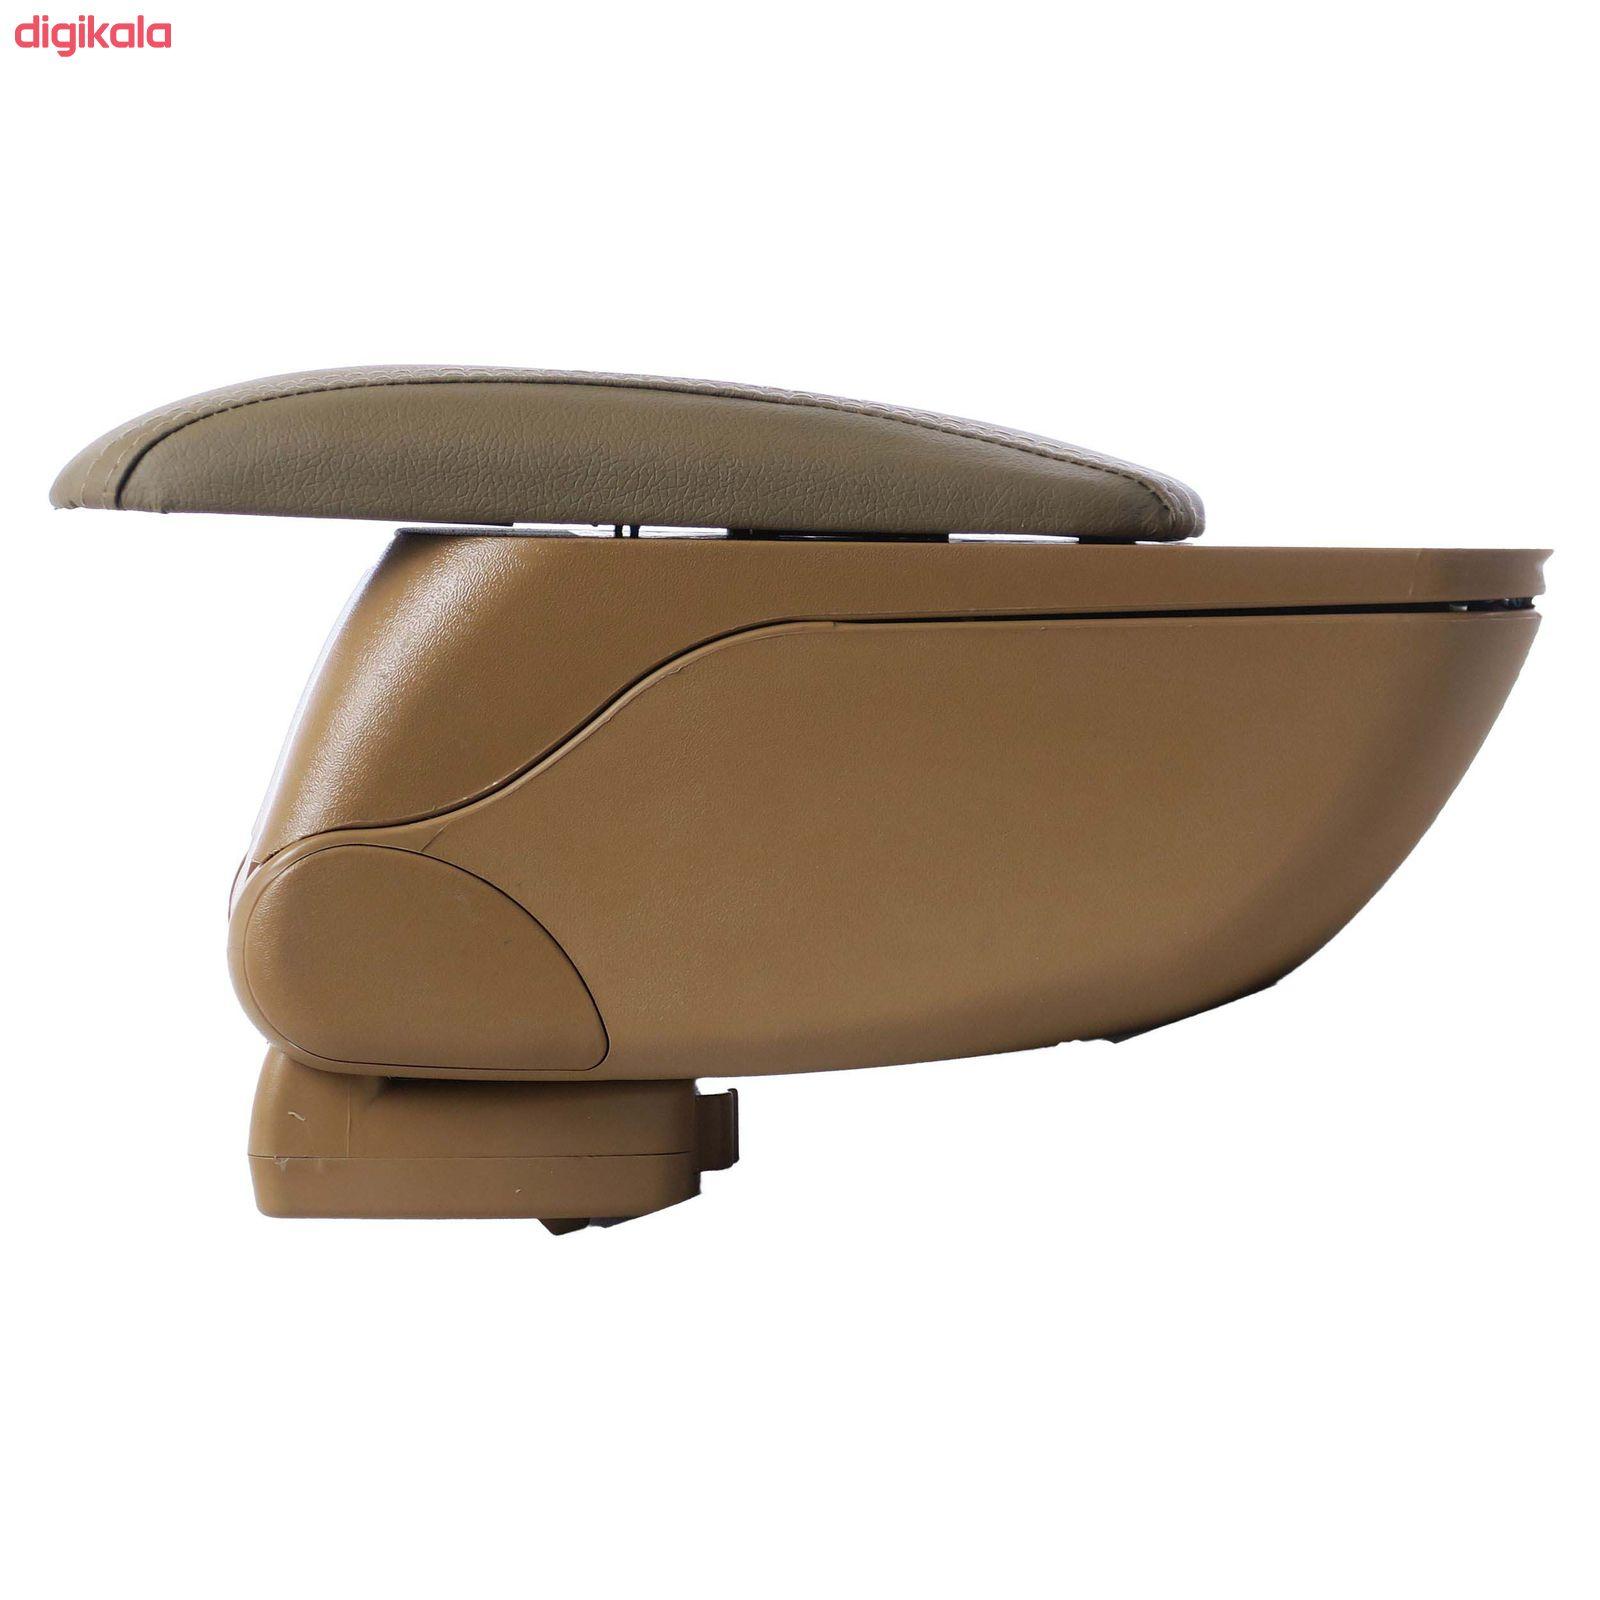 کنسول وسط خودرو توکا مدل dan01 مناسب برای پژو 405 main 1 2